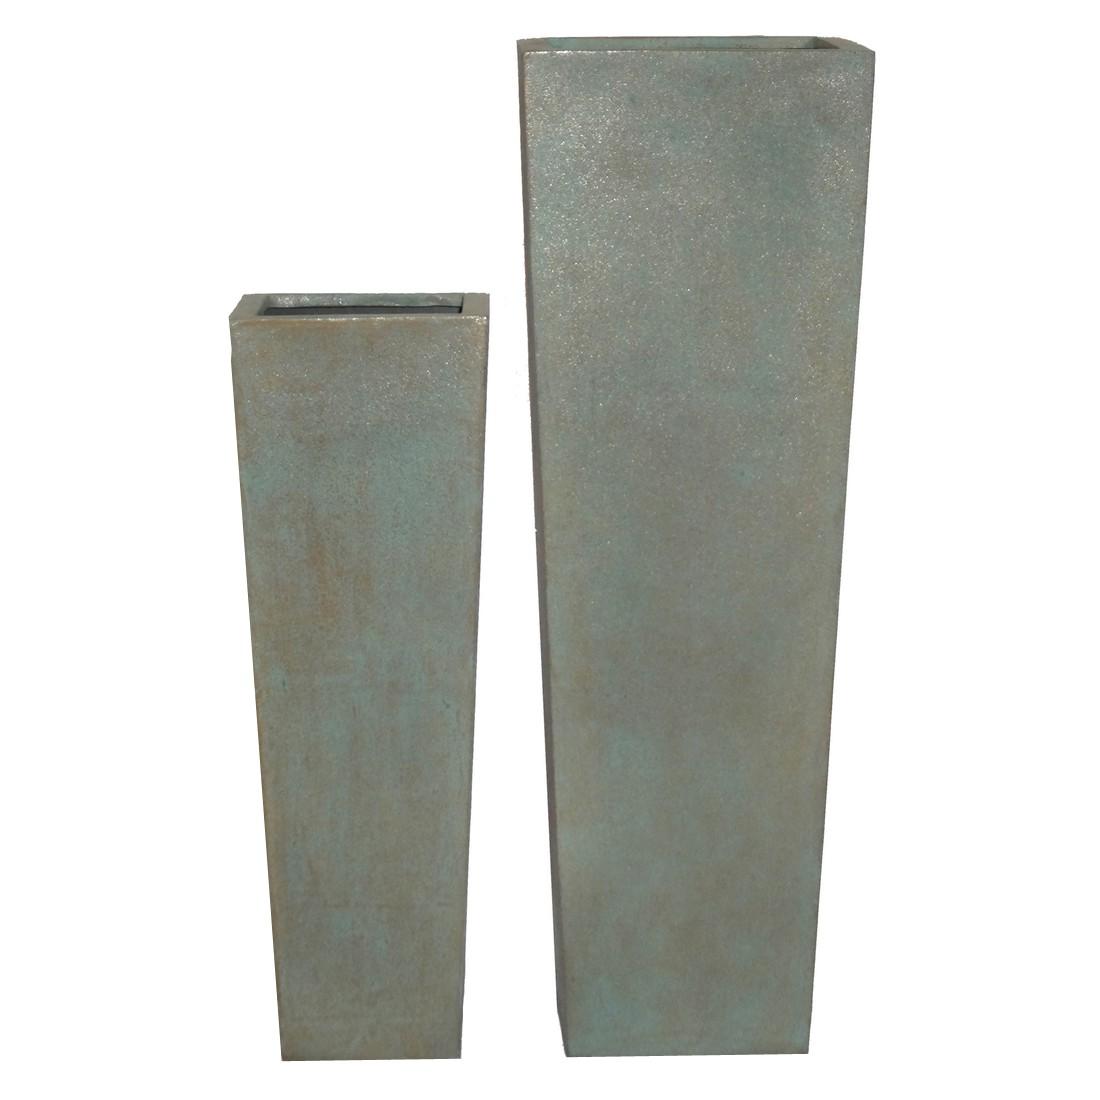 Pflanzkübel Copper Green – Kunststoff – Classic Eckig – 90 x 30 cm, Viducci's Garden günstig kaufen